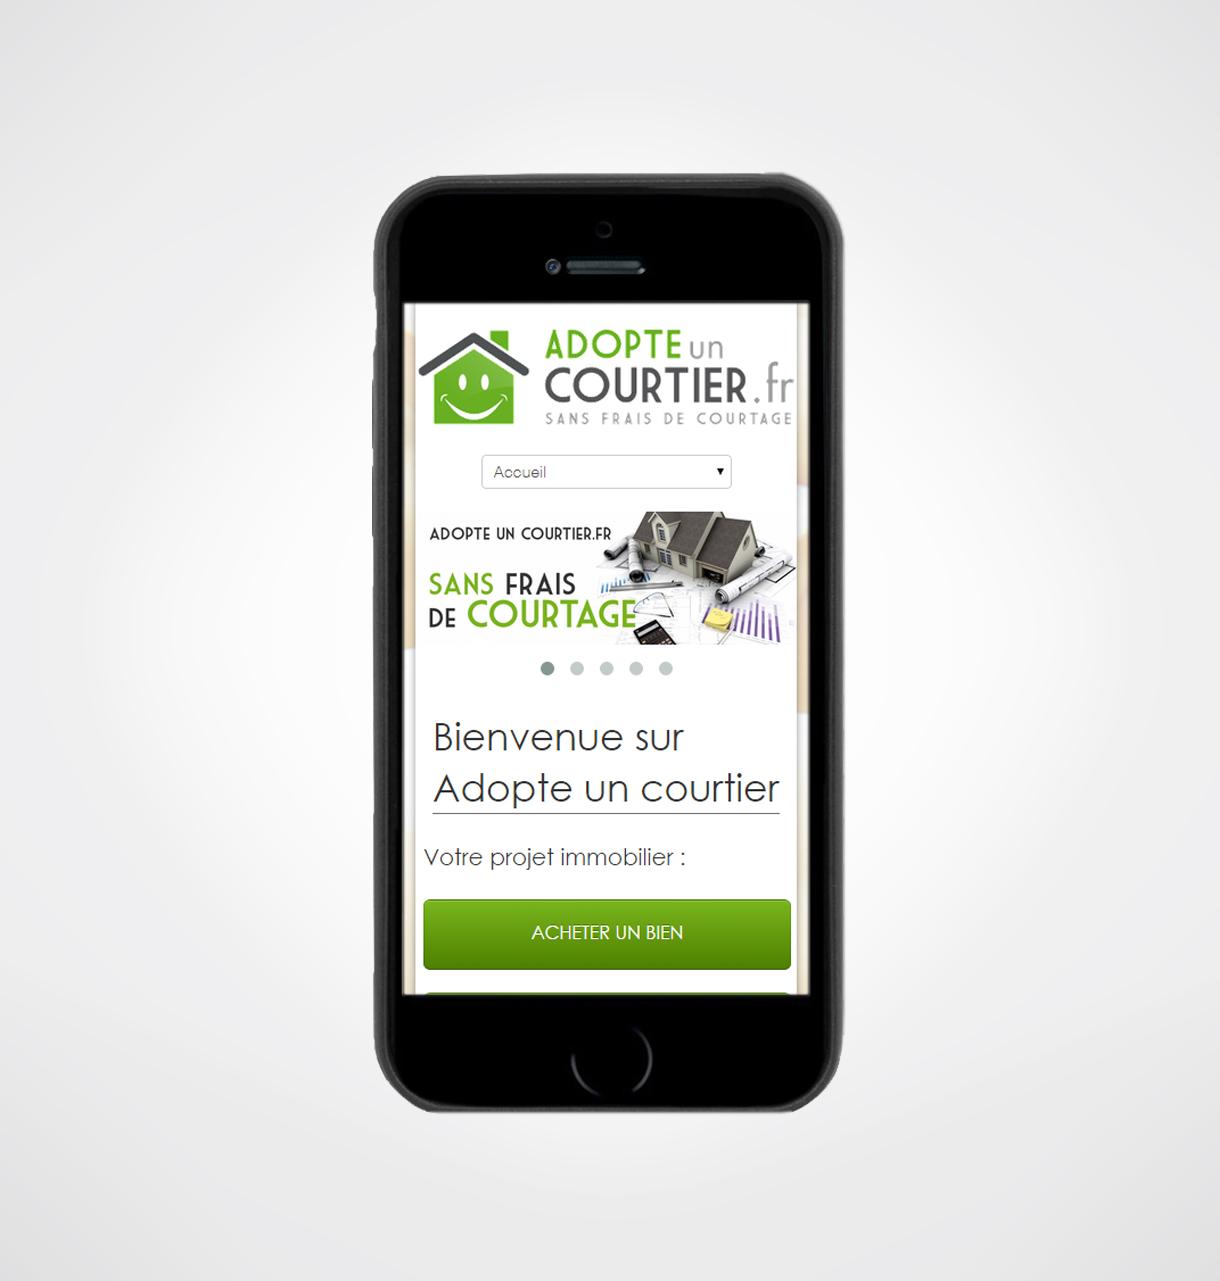 Site adopte